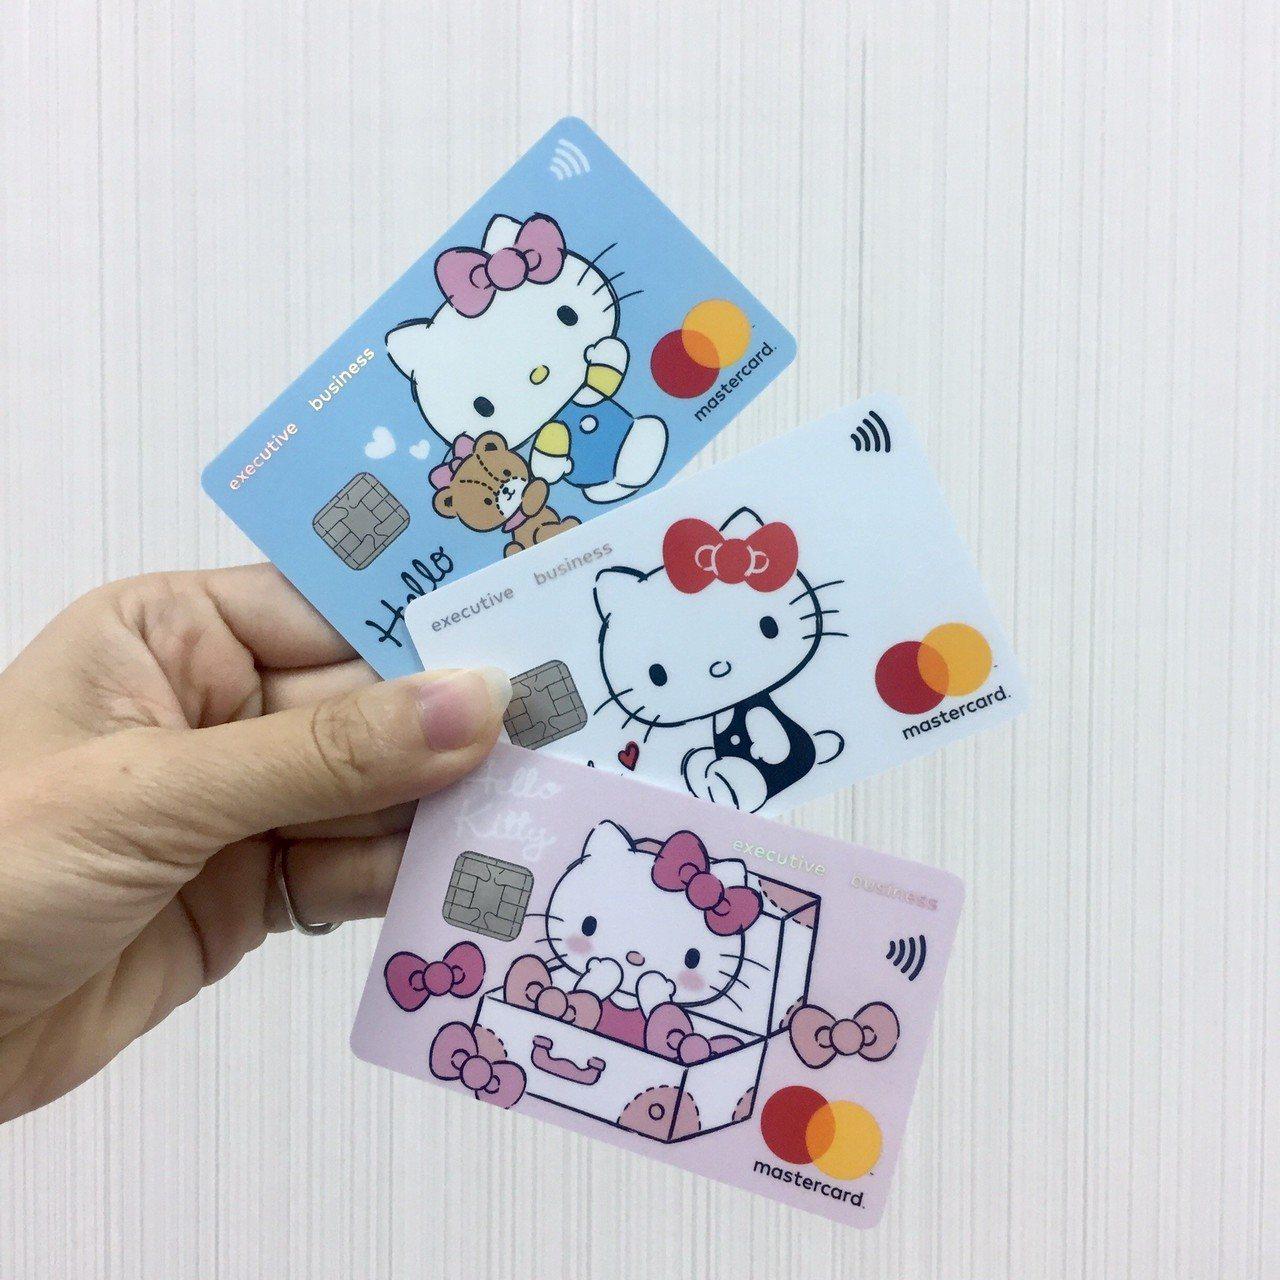 超萌icash2.0聯名卡再添元大Hello Kitty卡款,有三種主題圖案可供...